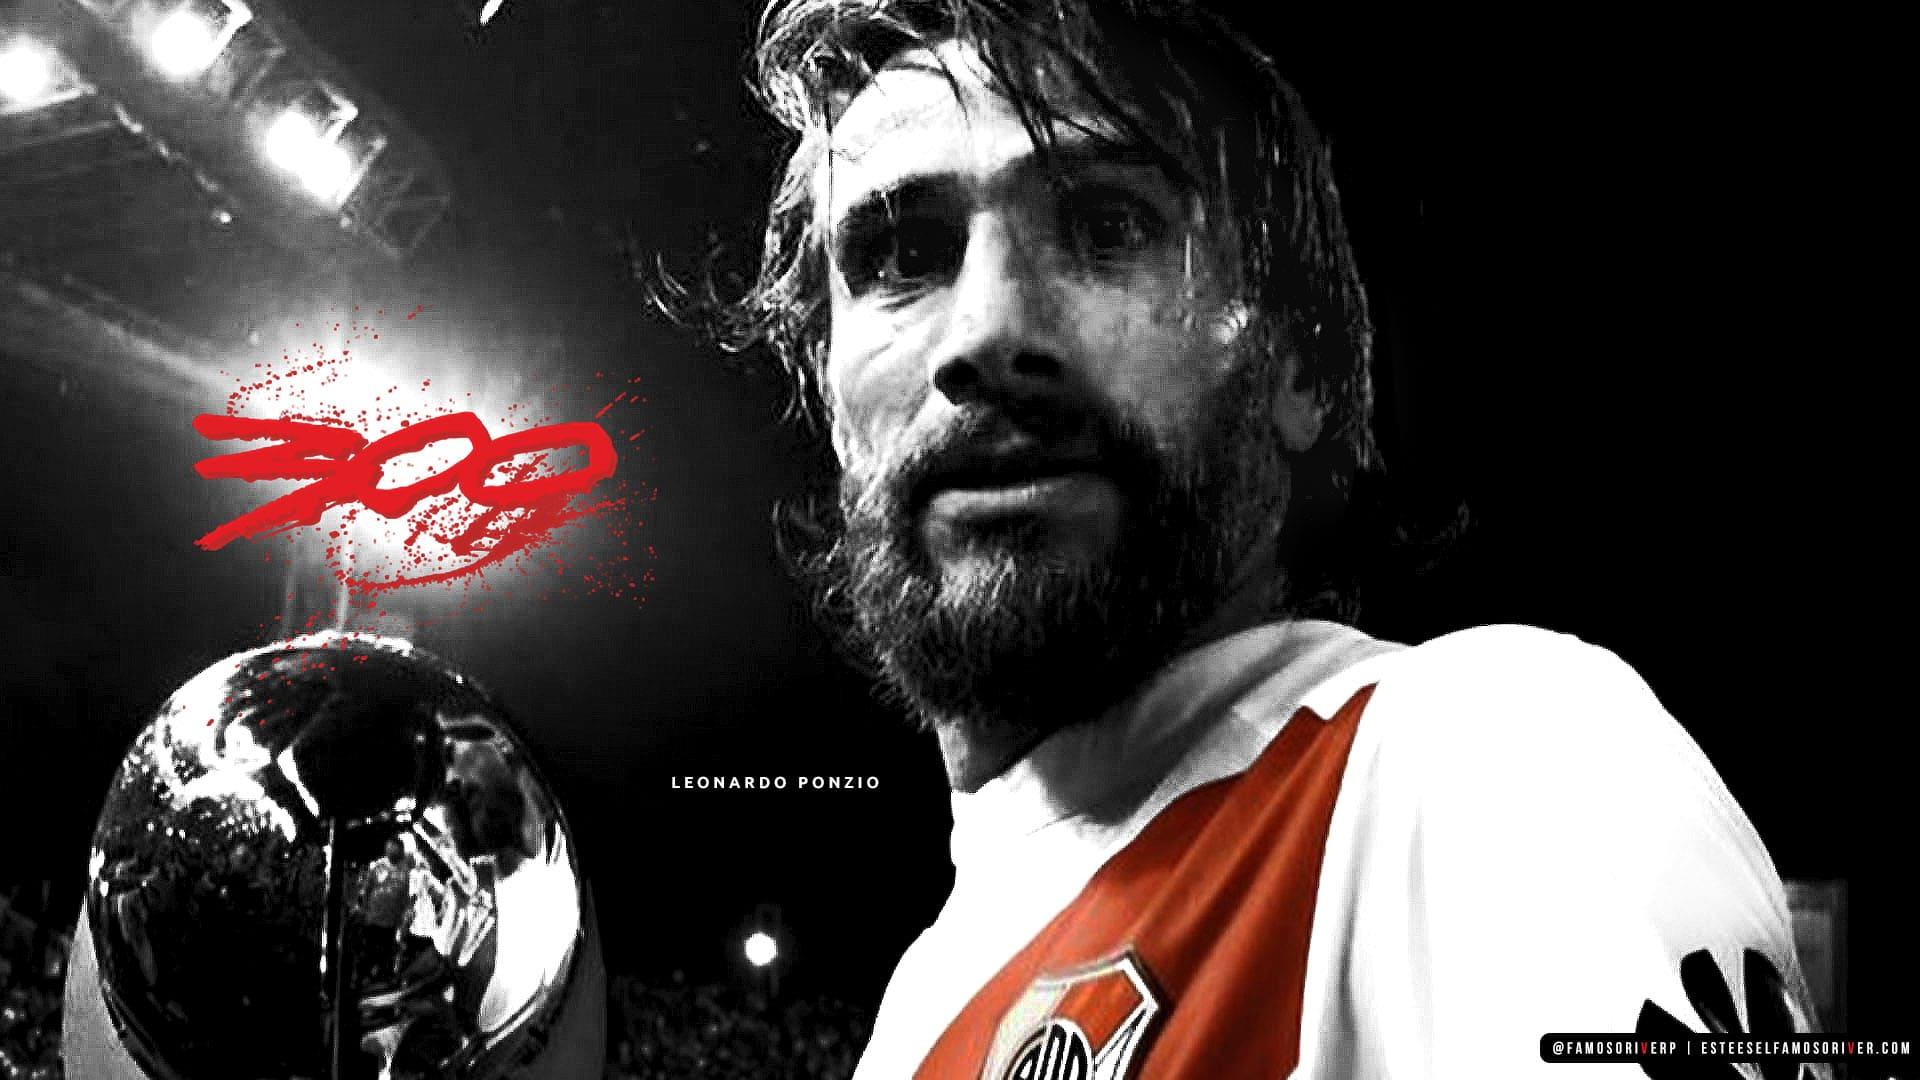 imagenes-de-river-plate-para-fondos-de-pantalla-wallpaper-de-river-leonardo ponzio 300 partidos en River Plate